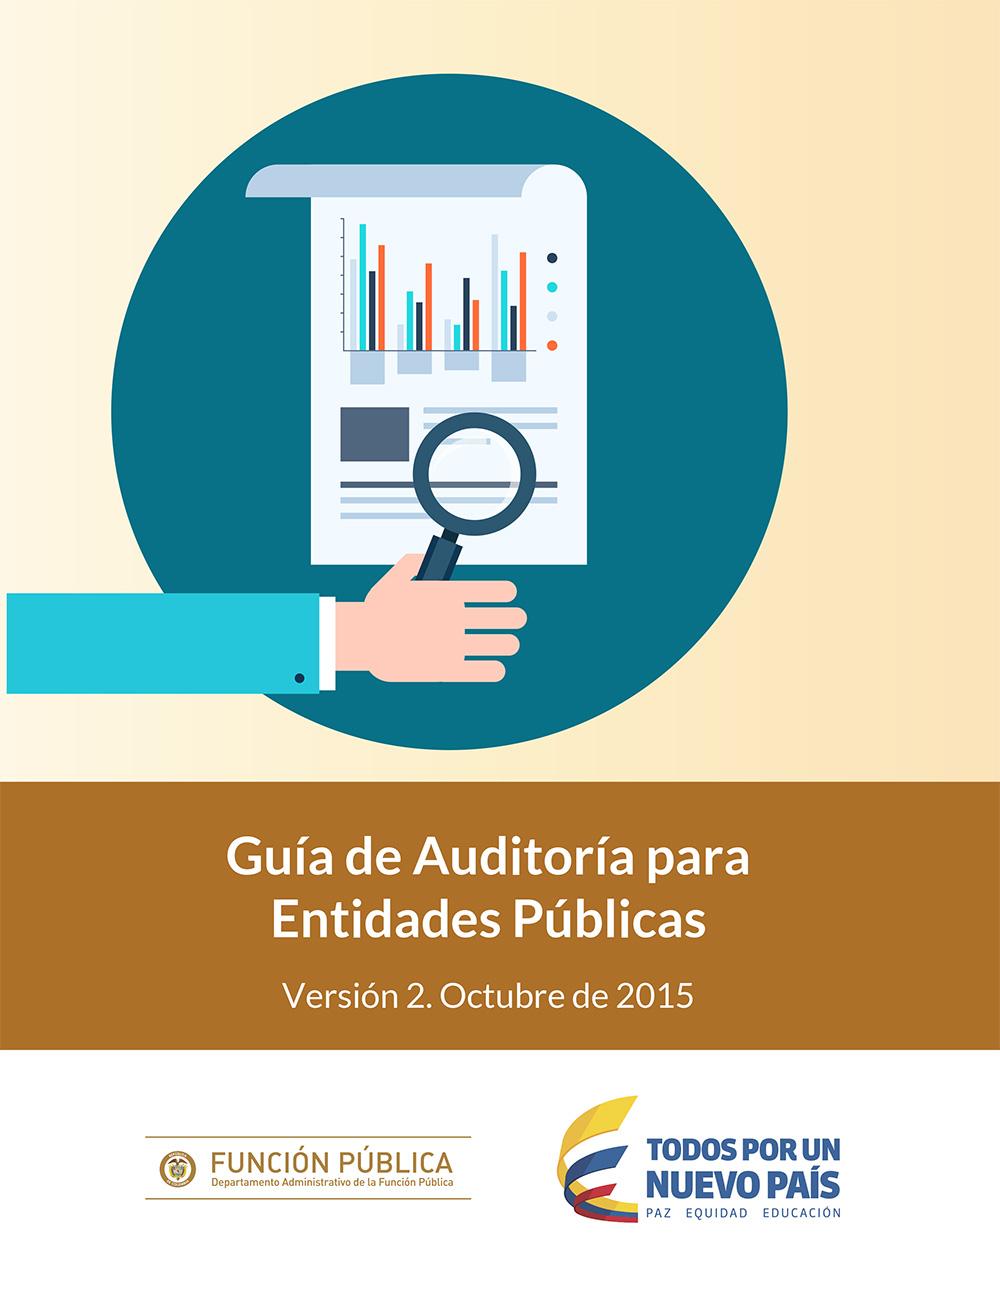 Guía de Auditoría para entidades públicas